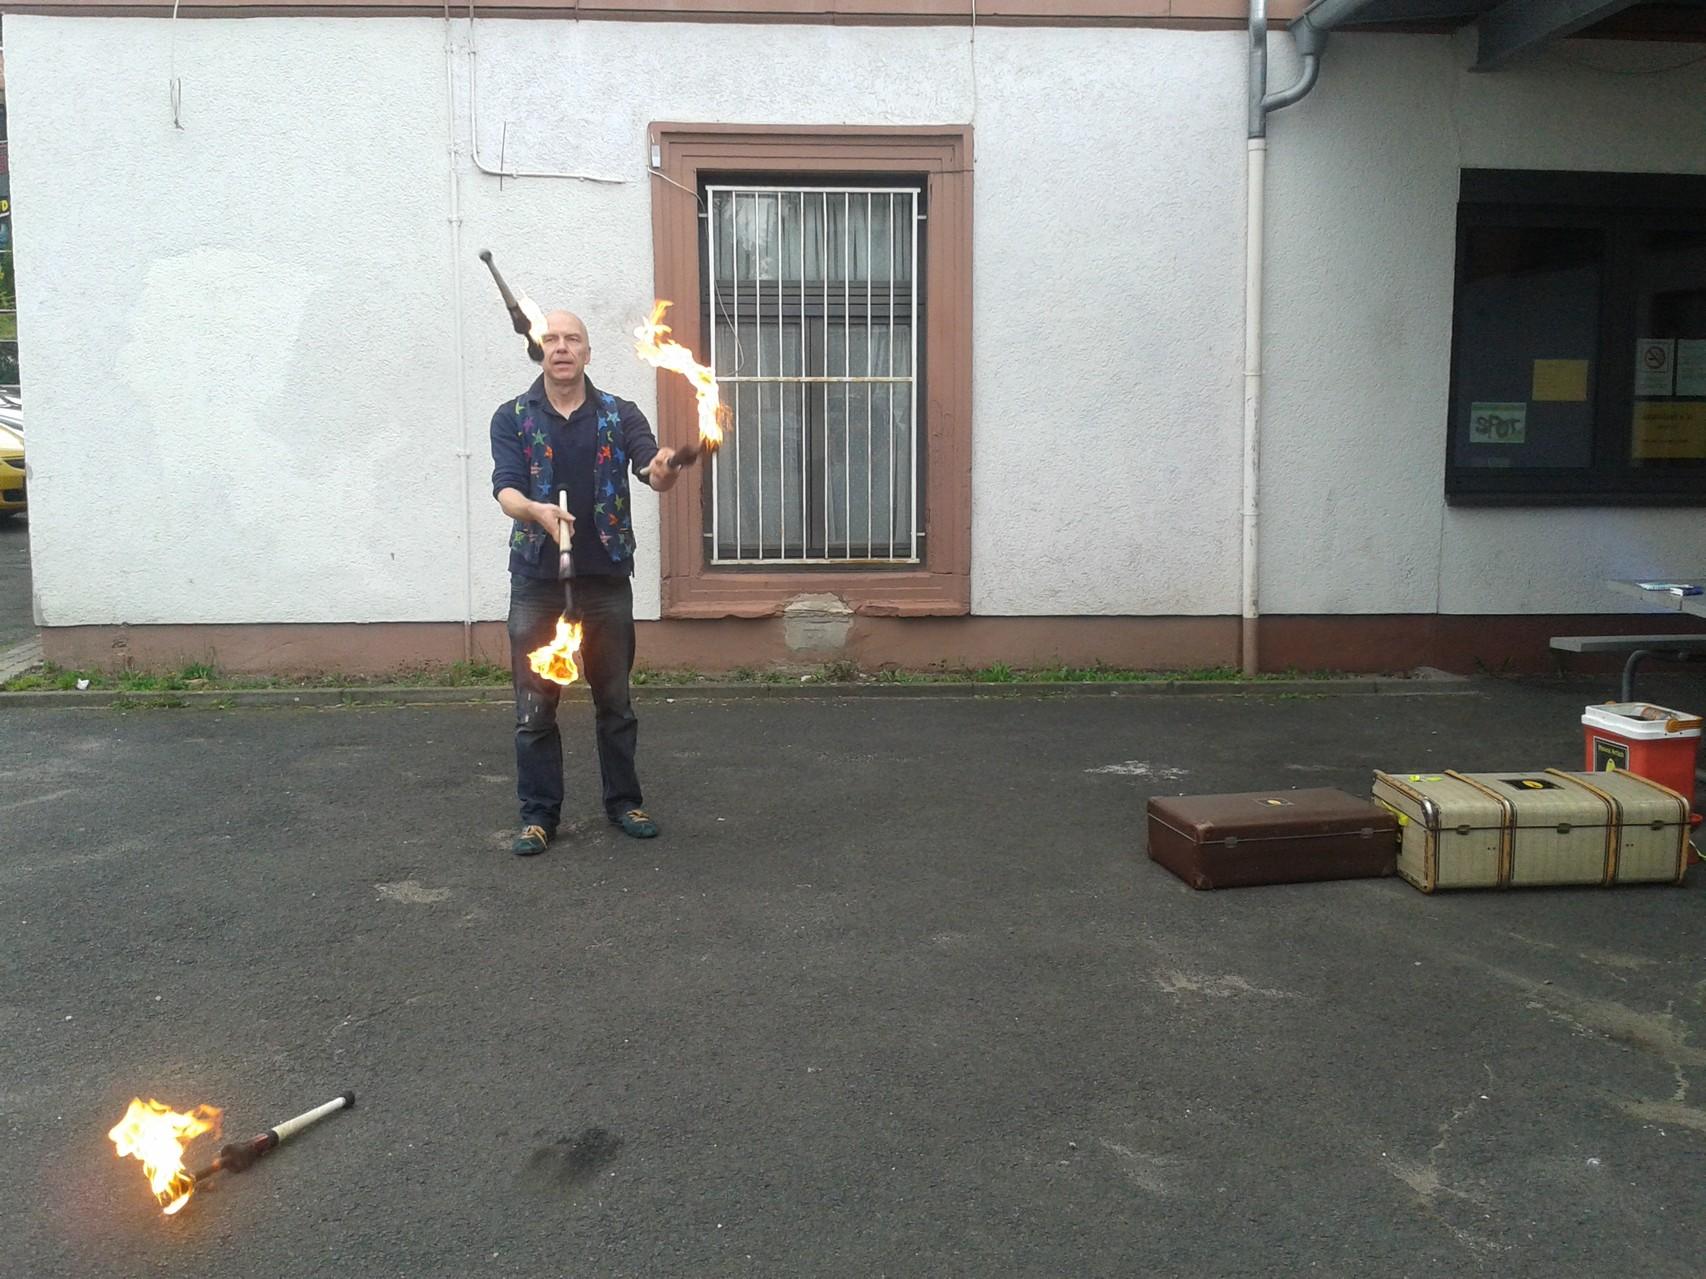 Feuerjonglage von Franz Grob (Leiter der Moving Artists Gelnhausen)